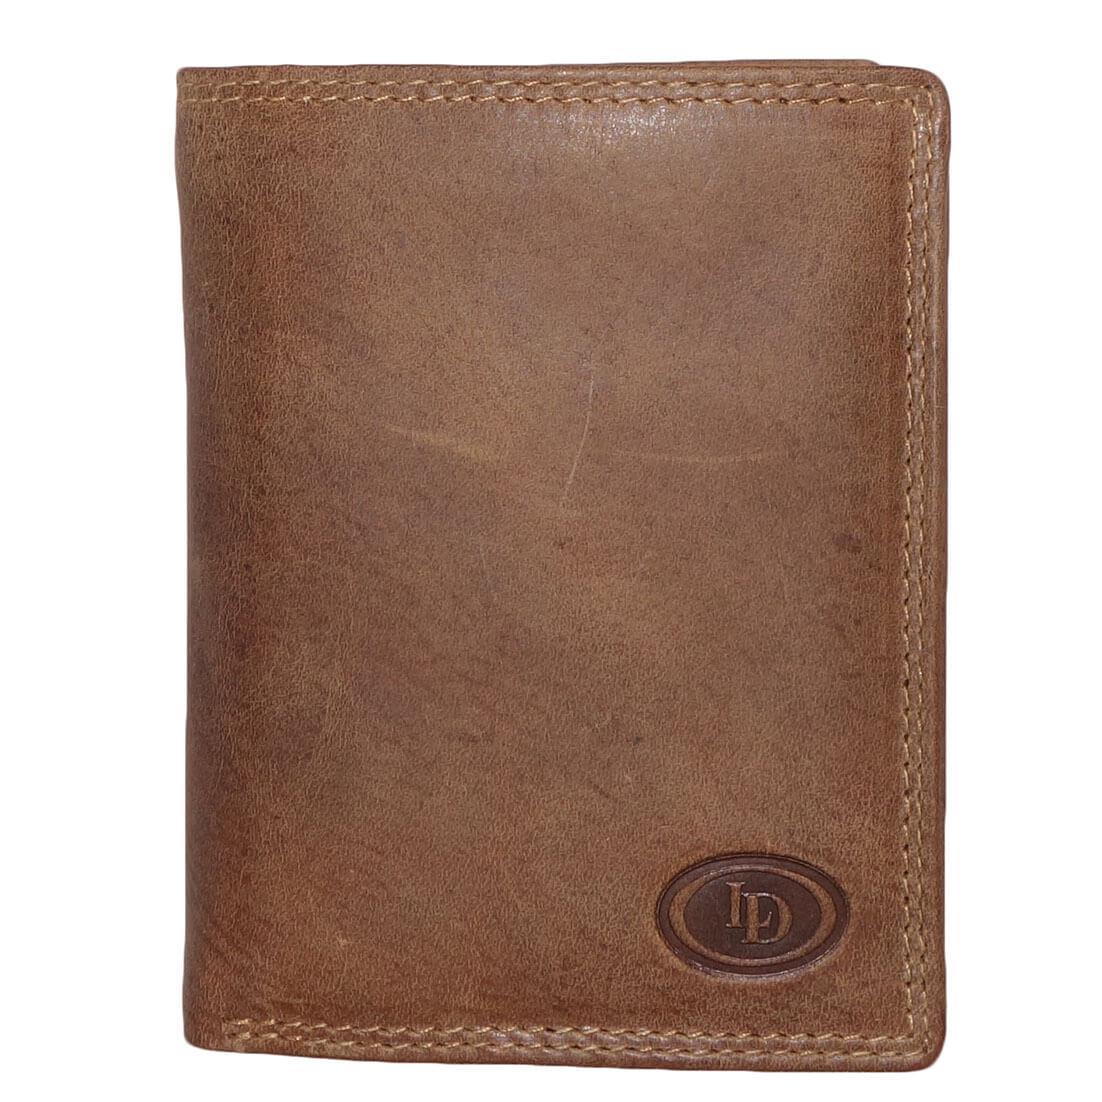 Portemonnee Design.Leather Design Portemonnee Met 2 Cardprotector Vakken Bruin Online Kopen